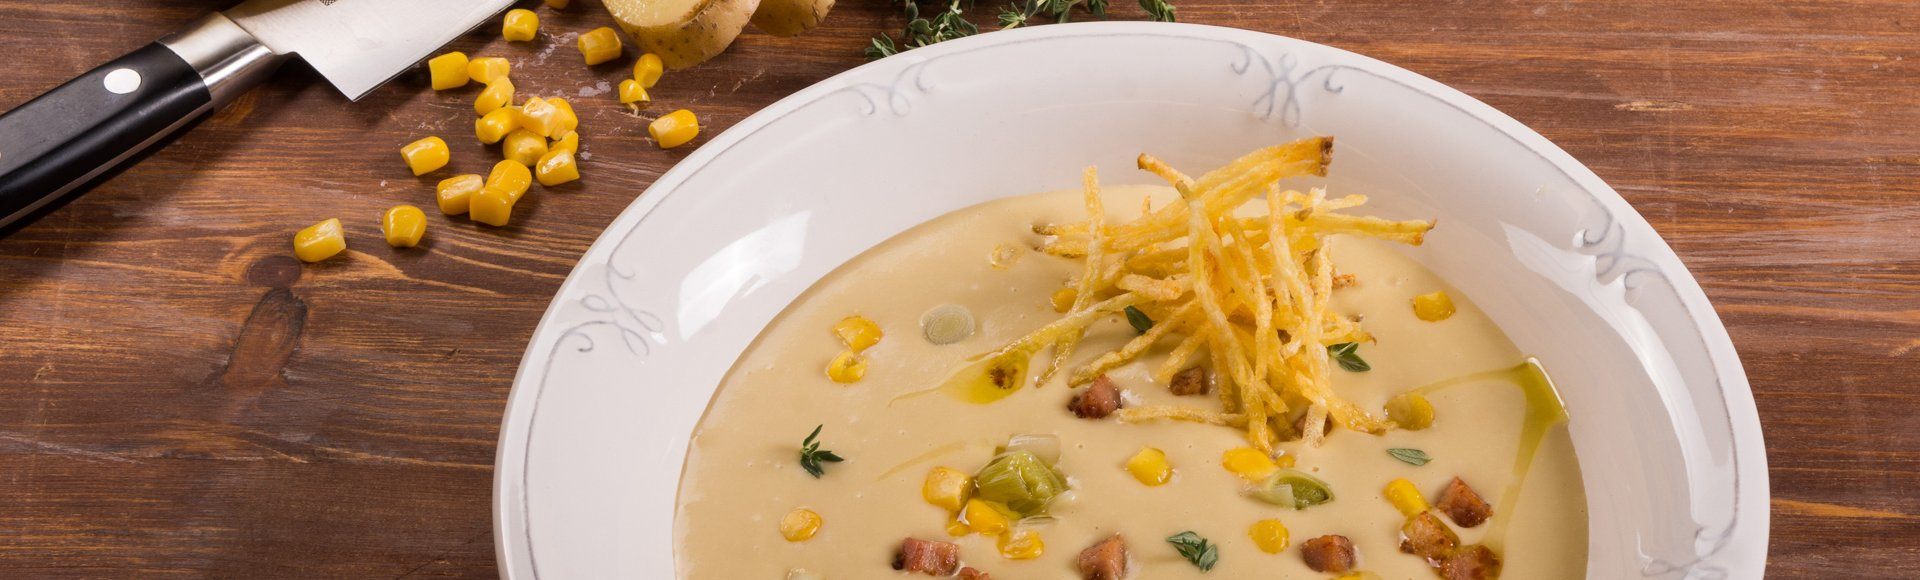 Σούπα με πατάτα, πράσο & μπέικον